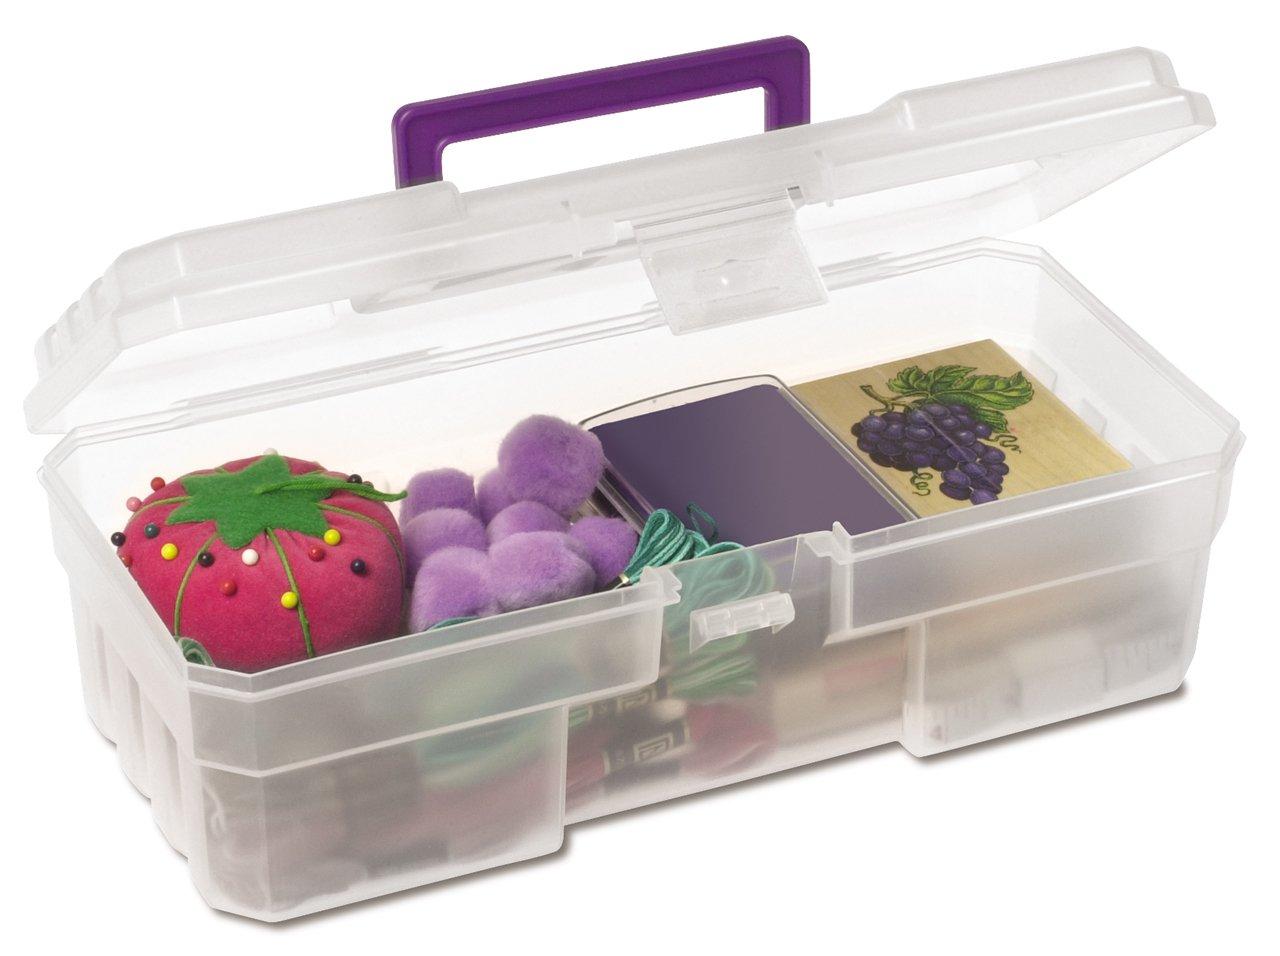 Akro-Mils 09912 CLPUR 12-Inch Plastic Art Supply Craft Storage Tool Box, Semi-Clear 09912CLPUR